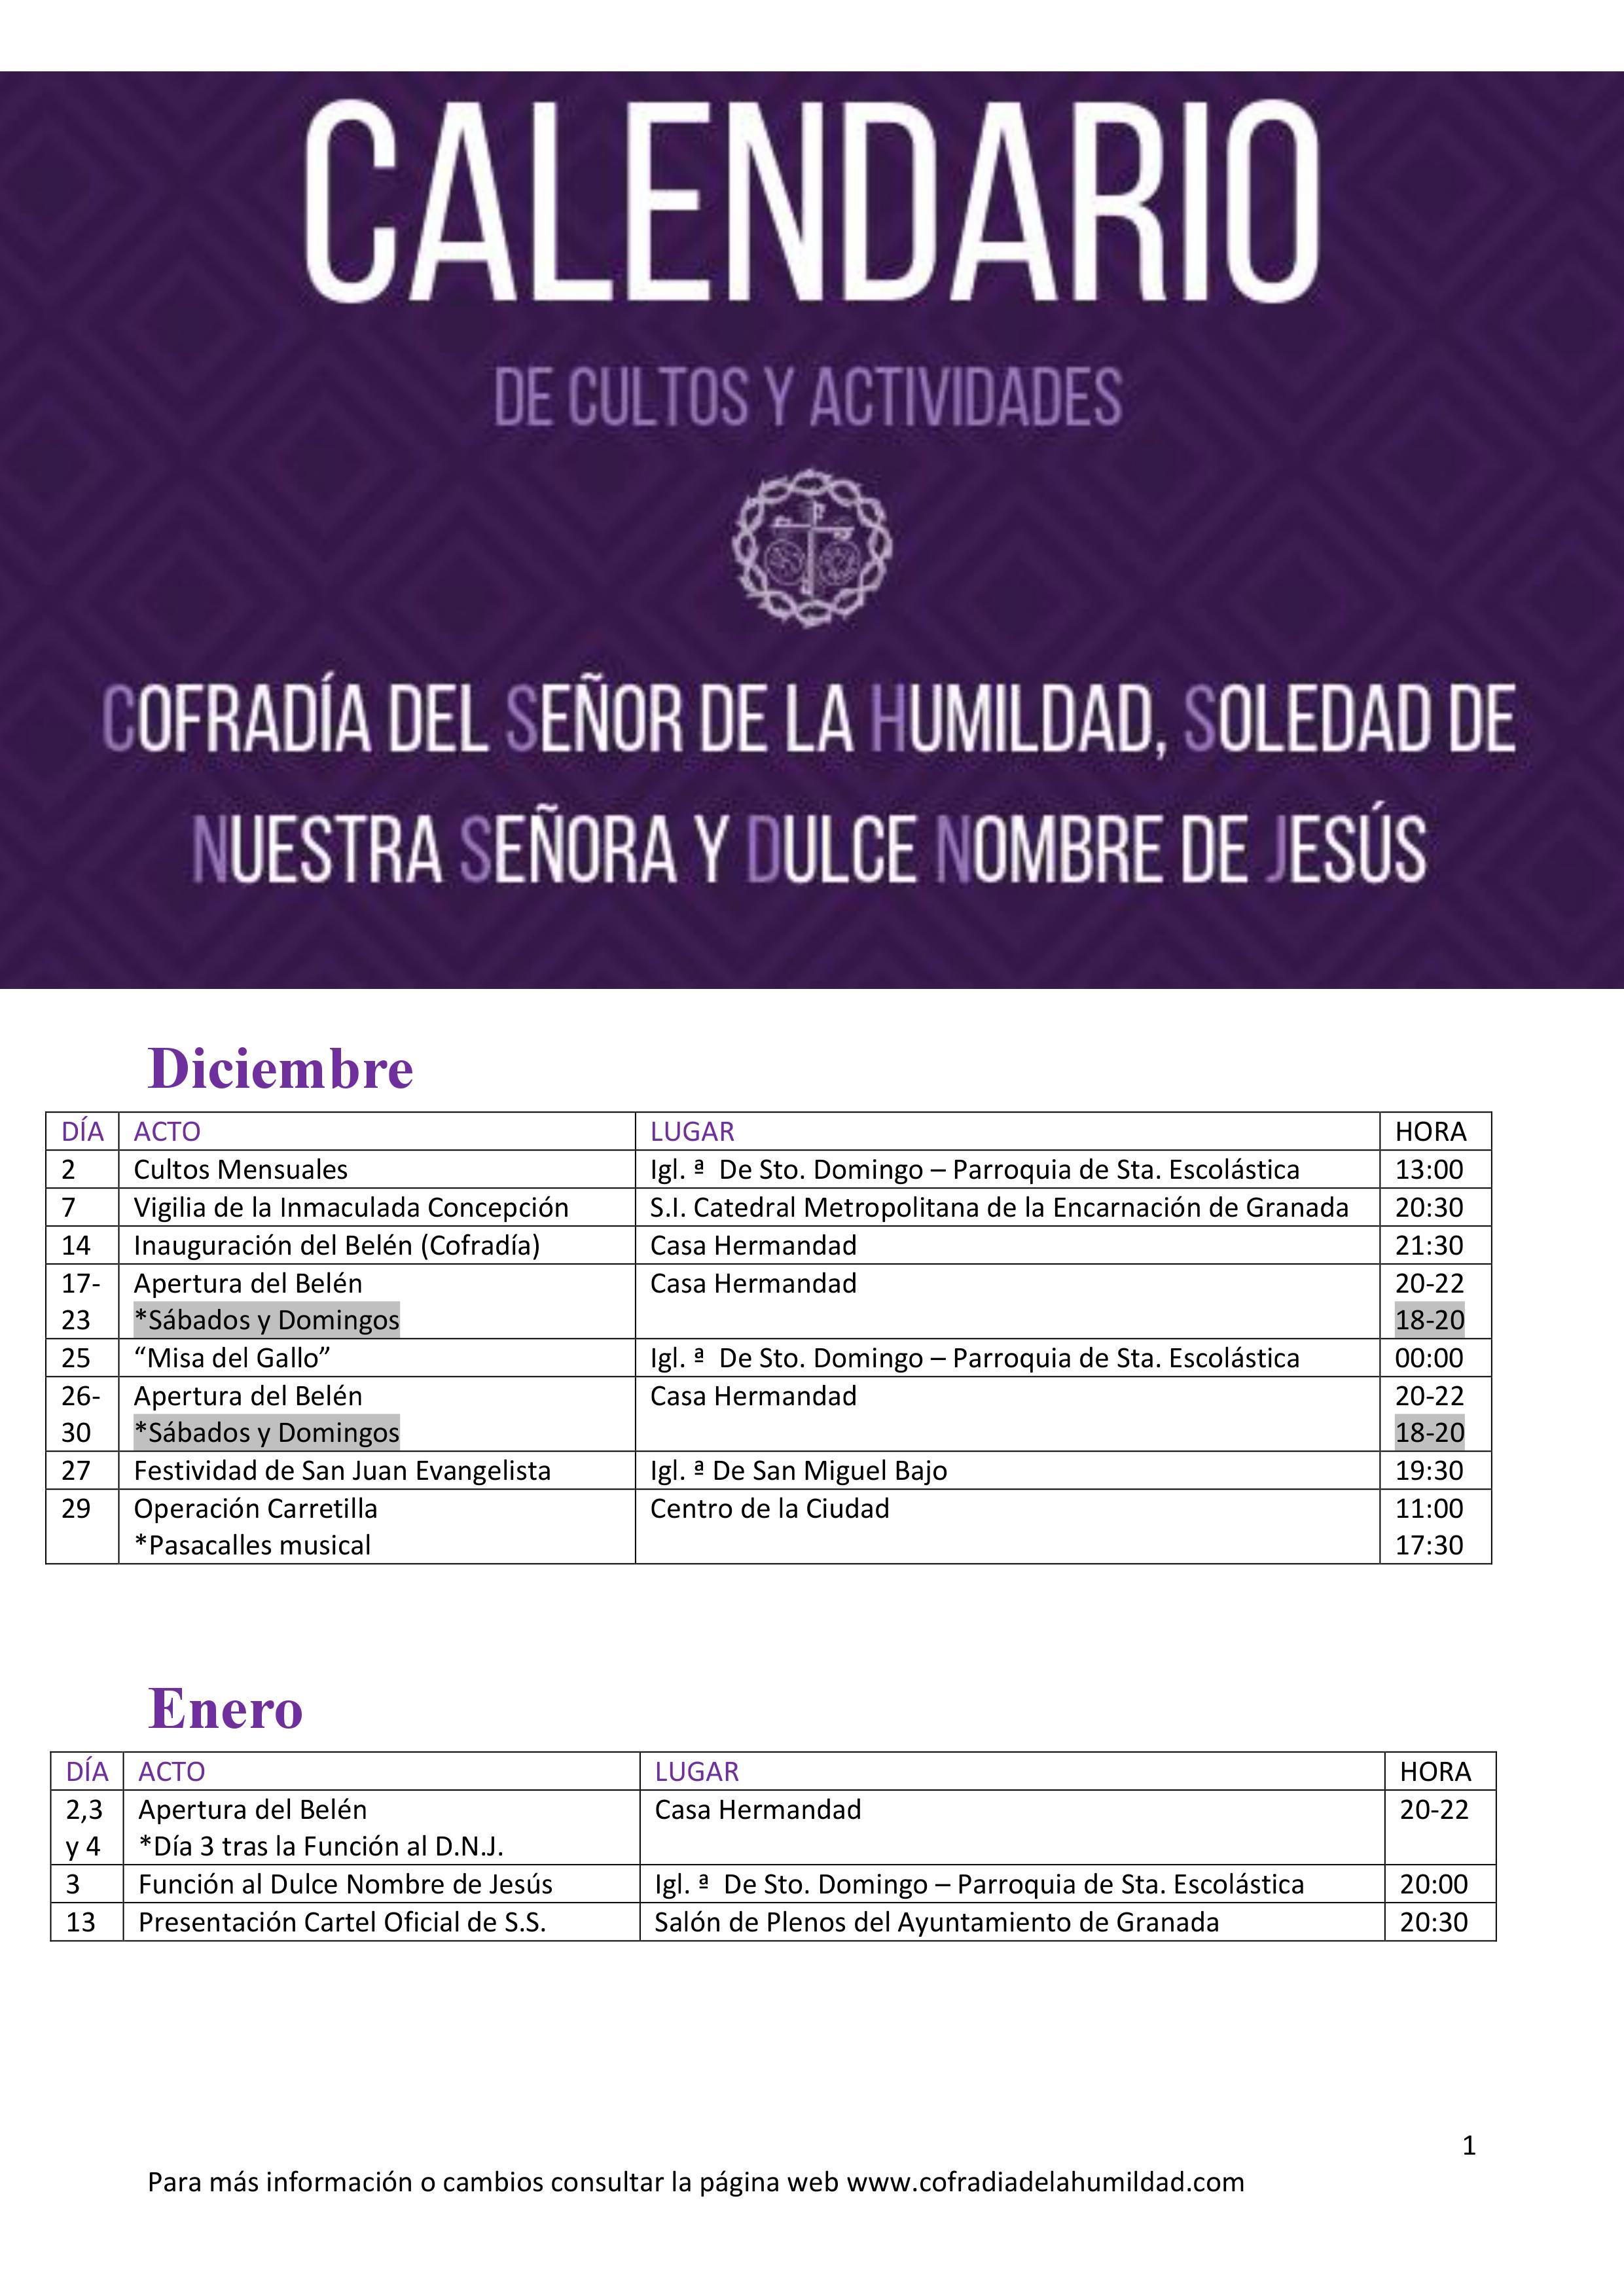 calendario cofradia humildad 2018-19 (2)